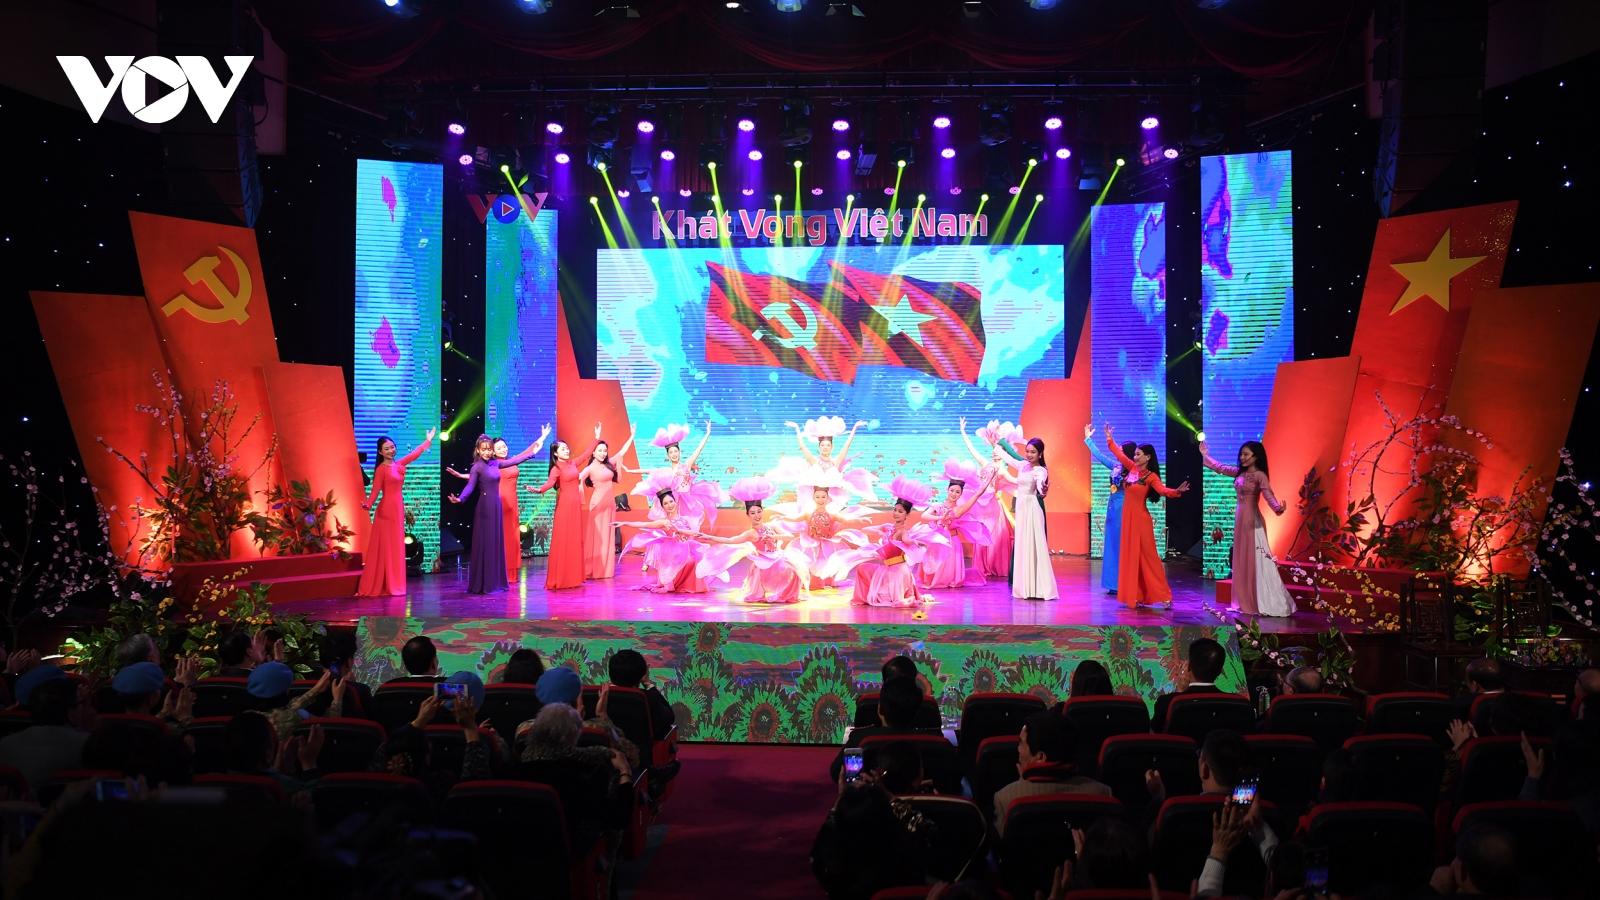 VOV tổ chức giao lưu nghệ thuật chào mừng Đại hội XIII của Đảng